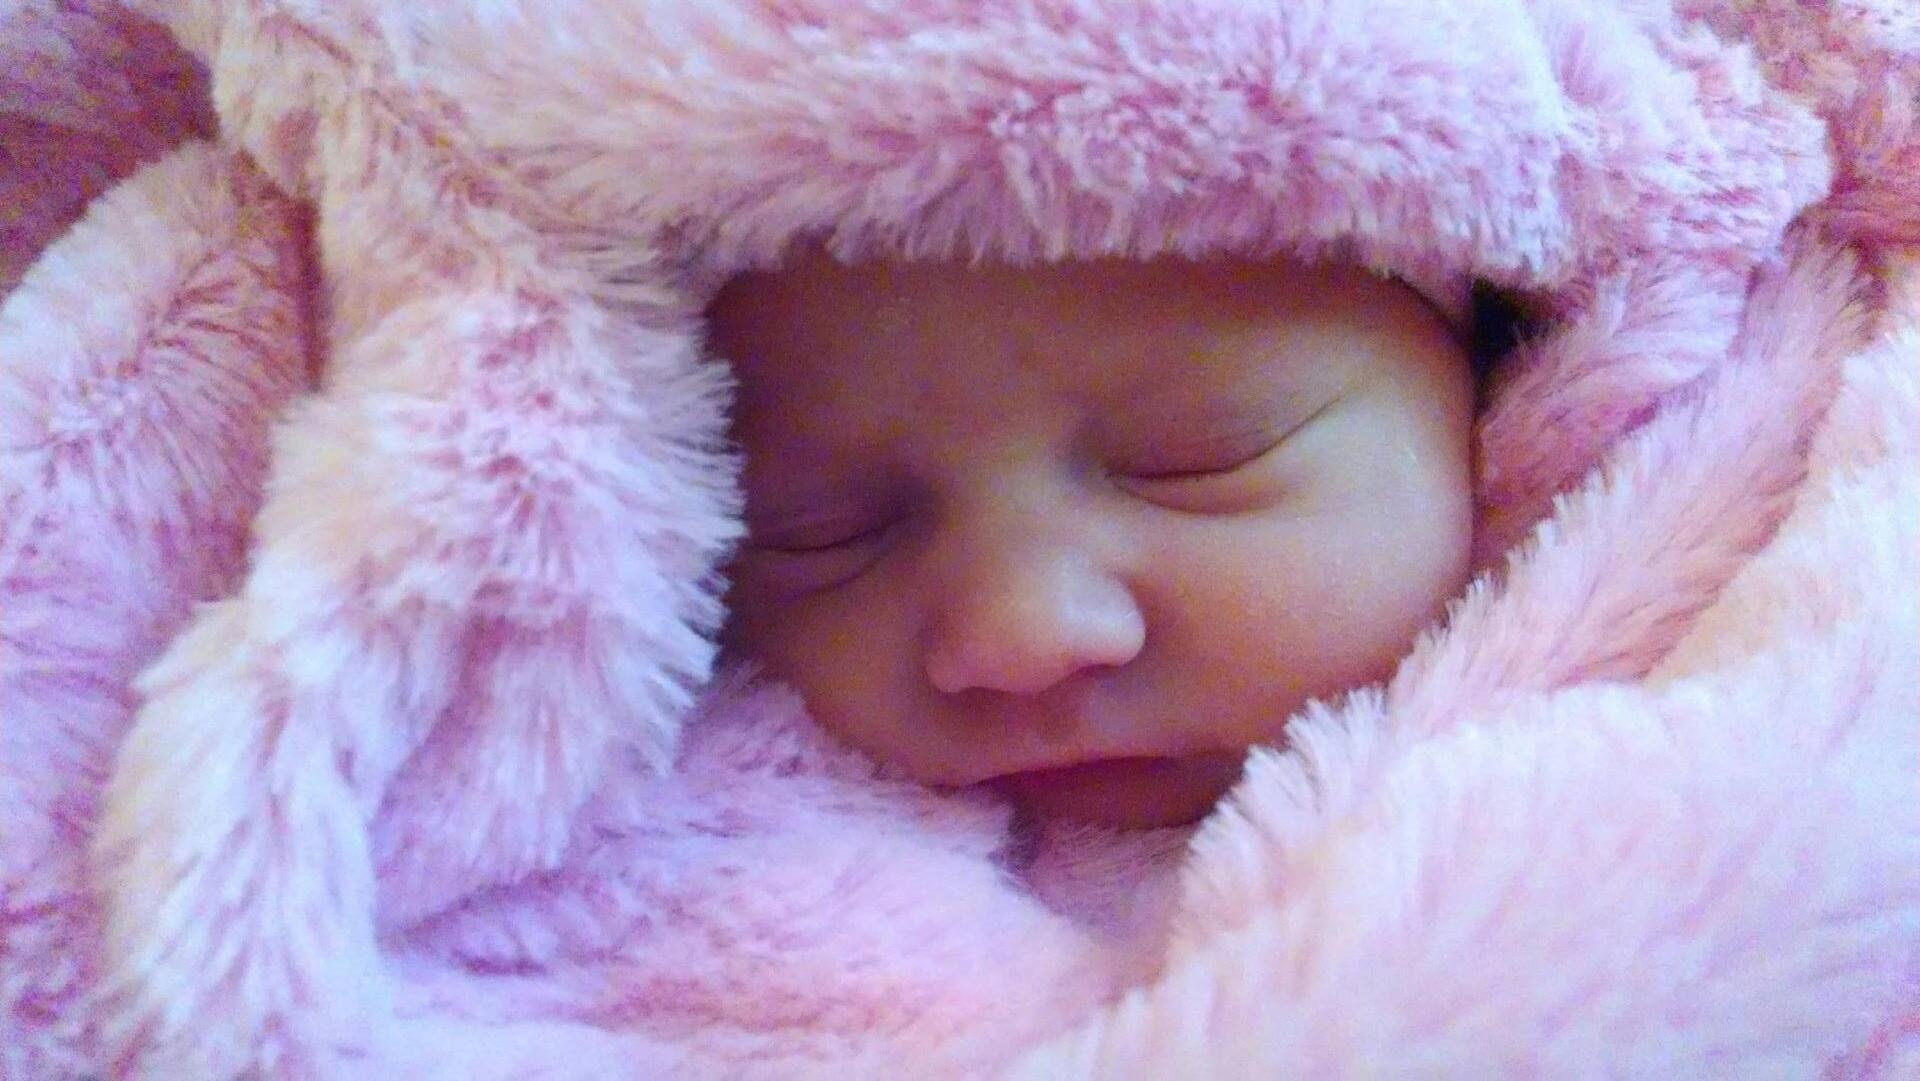 В США молодые родители назвали дочь по имени героини Mass Effect  - Изображение 1